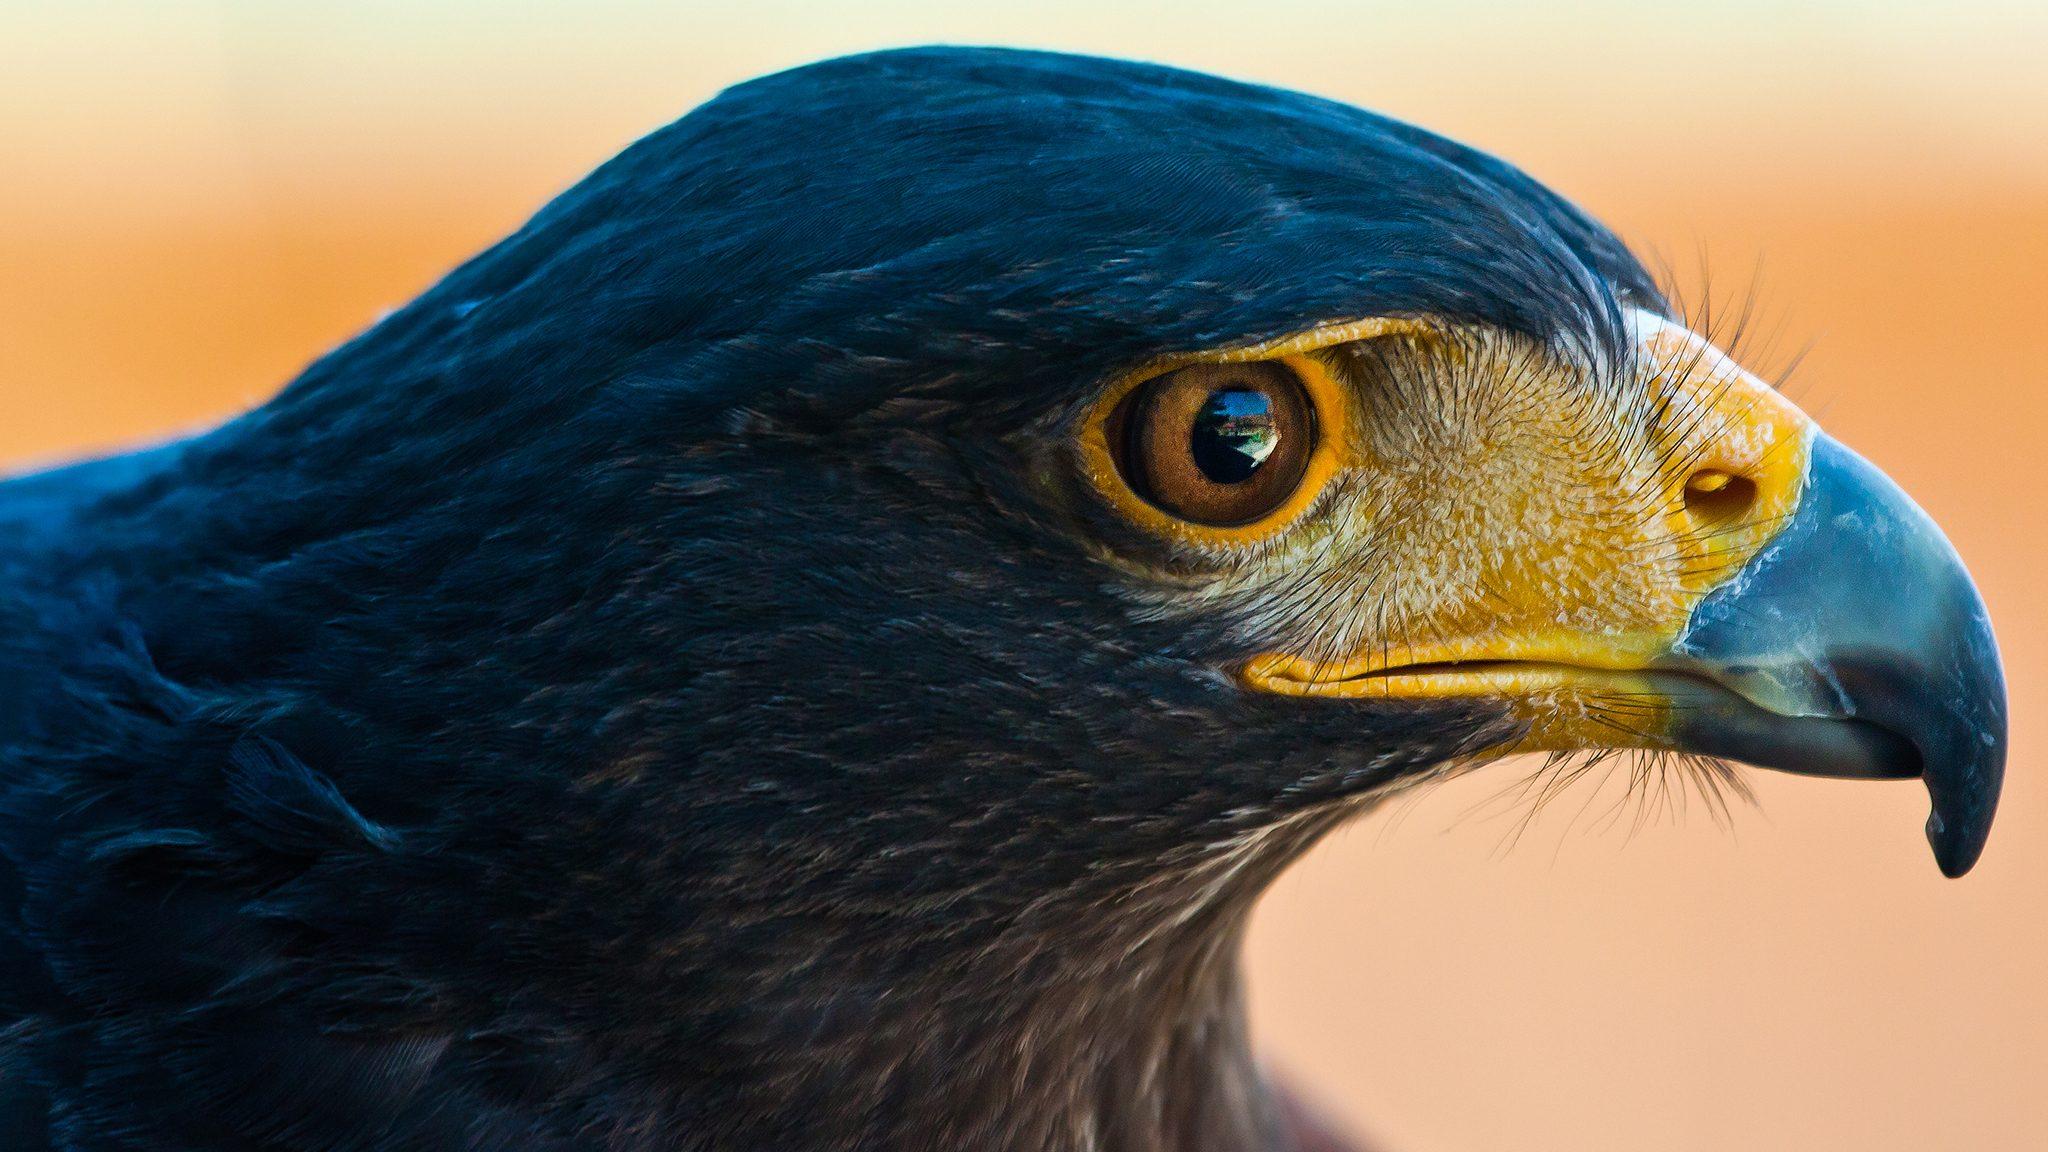 close up of hawk head